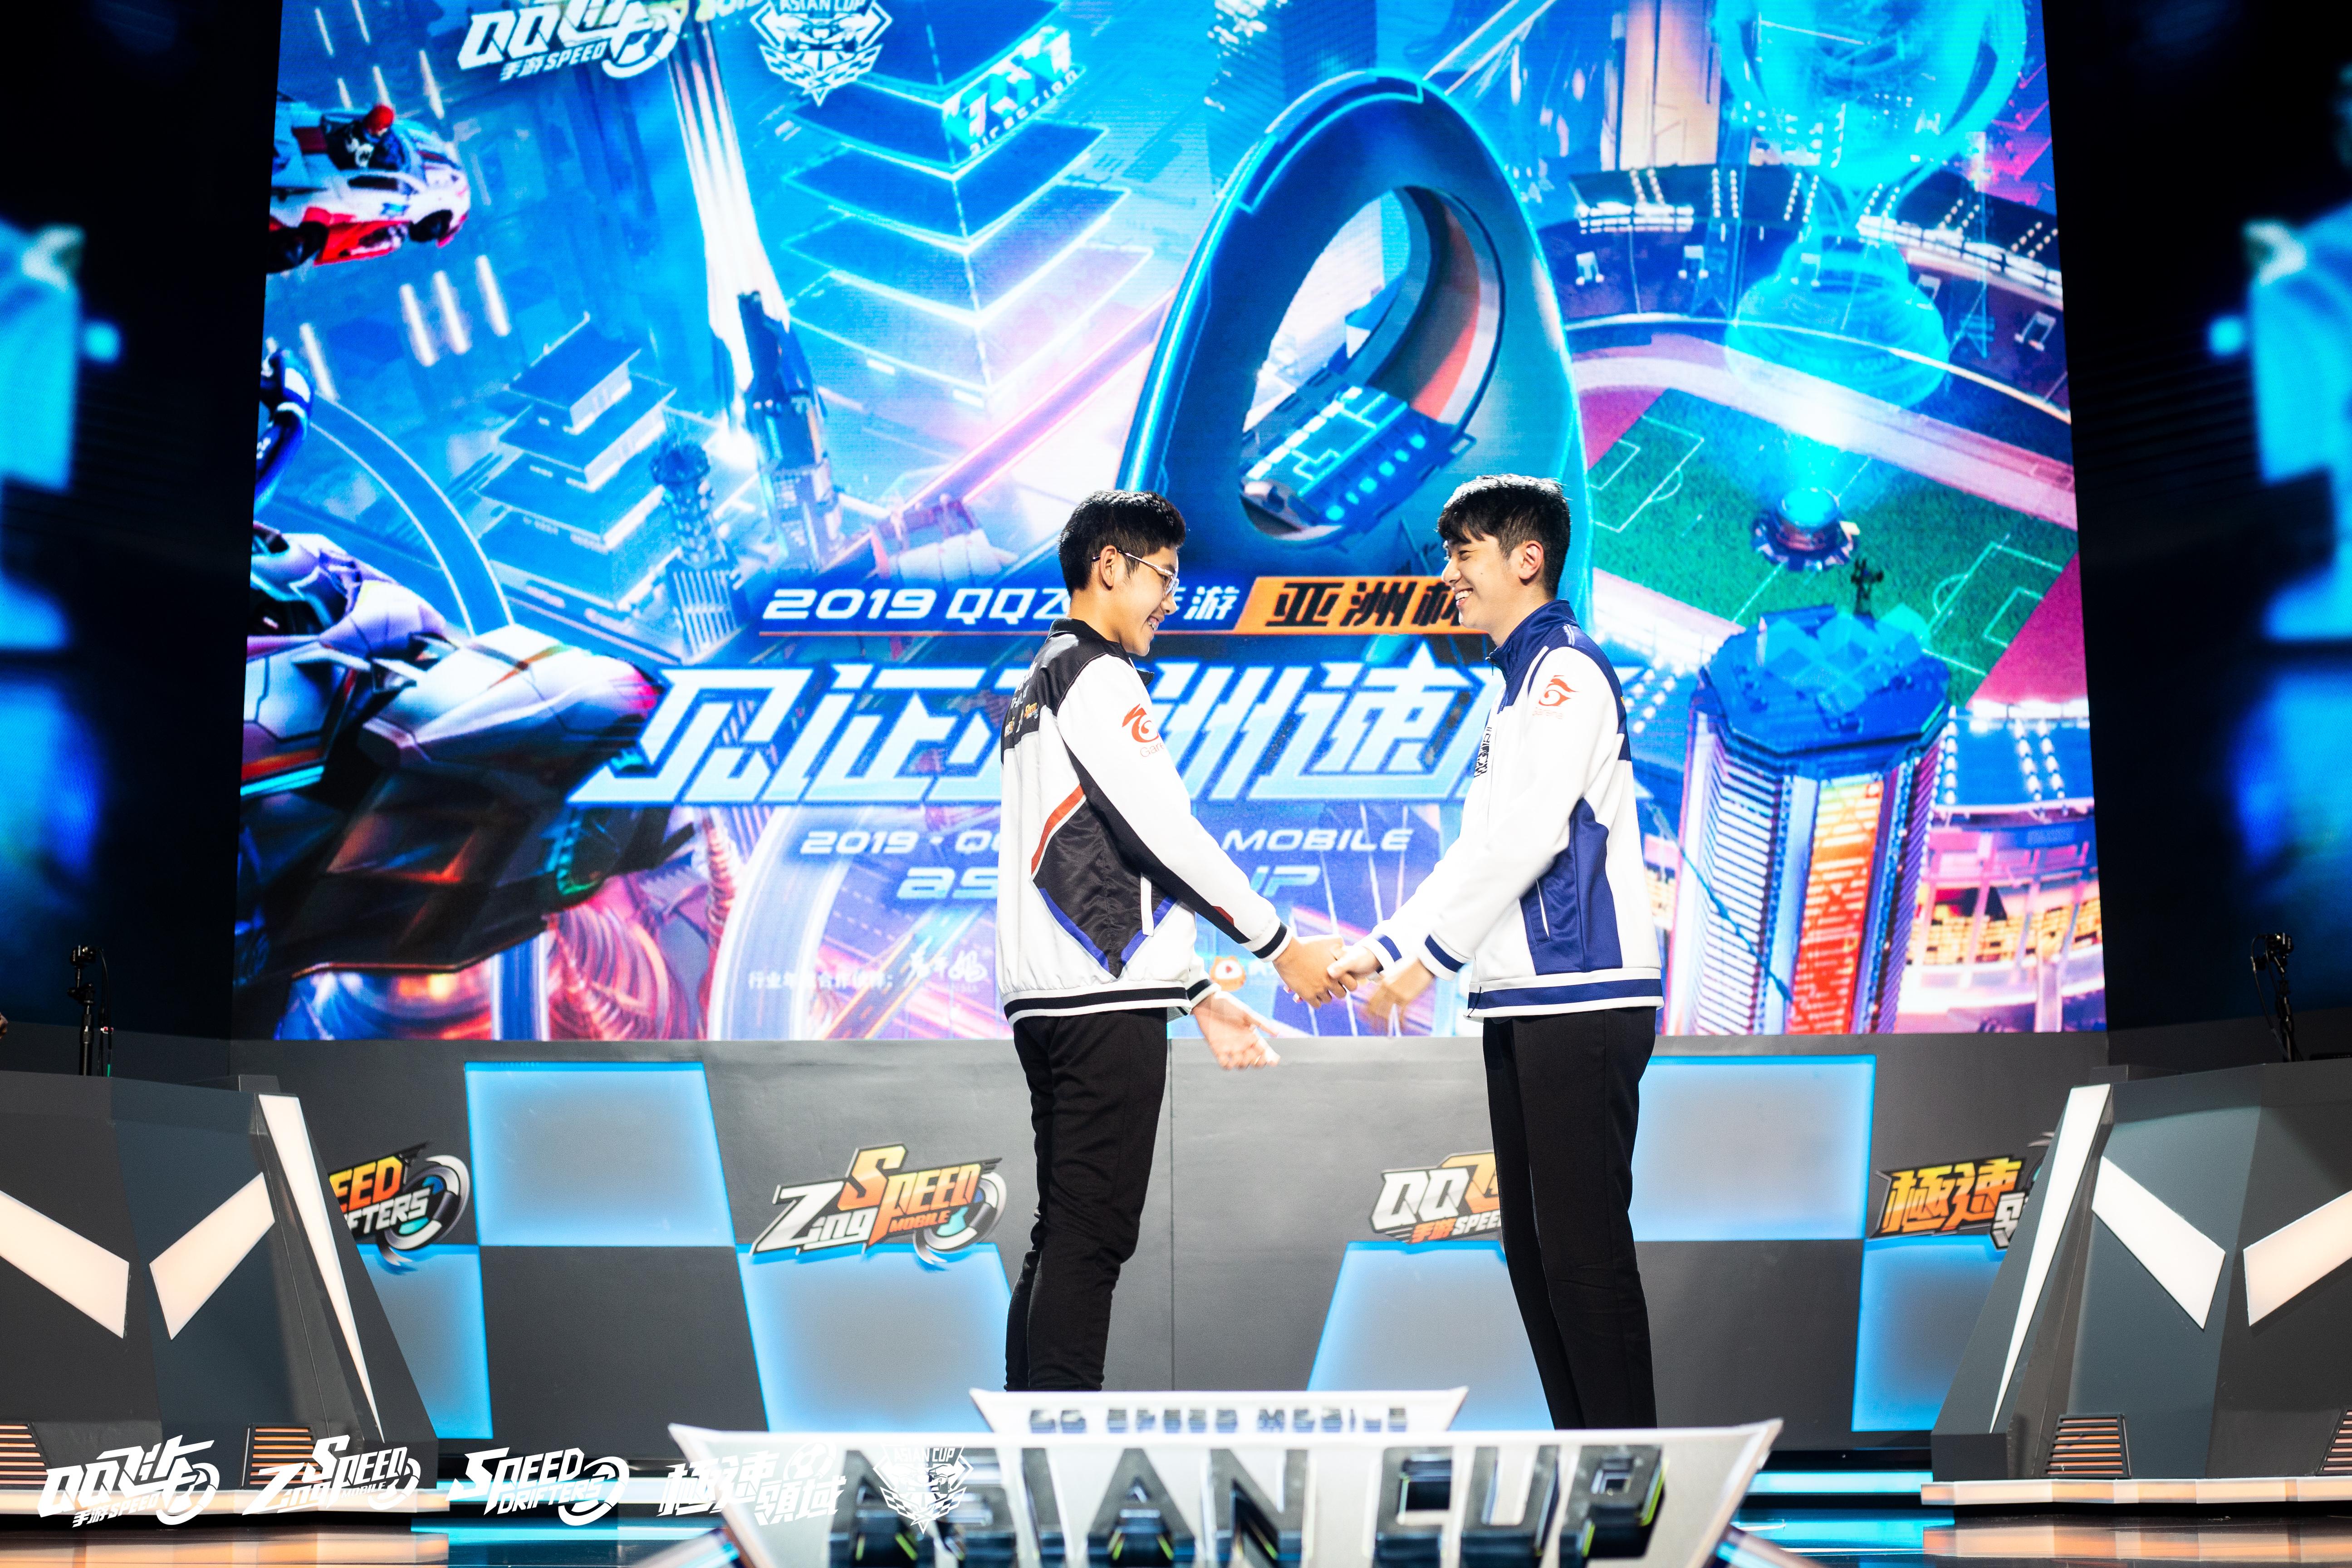 ▲「小草Yue」(右)擊敗「mantle.」(左)將與宿敵「Moverest」對決